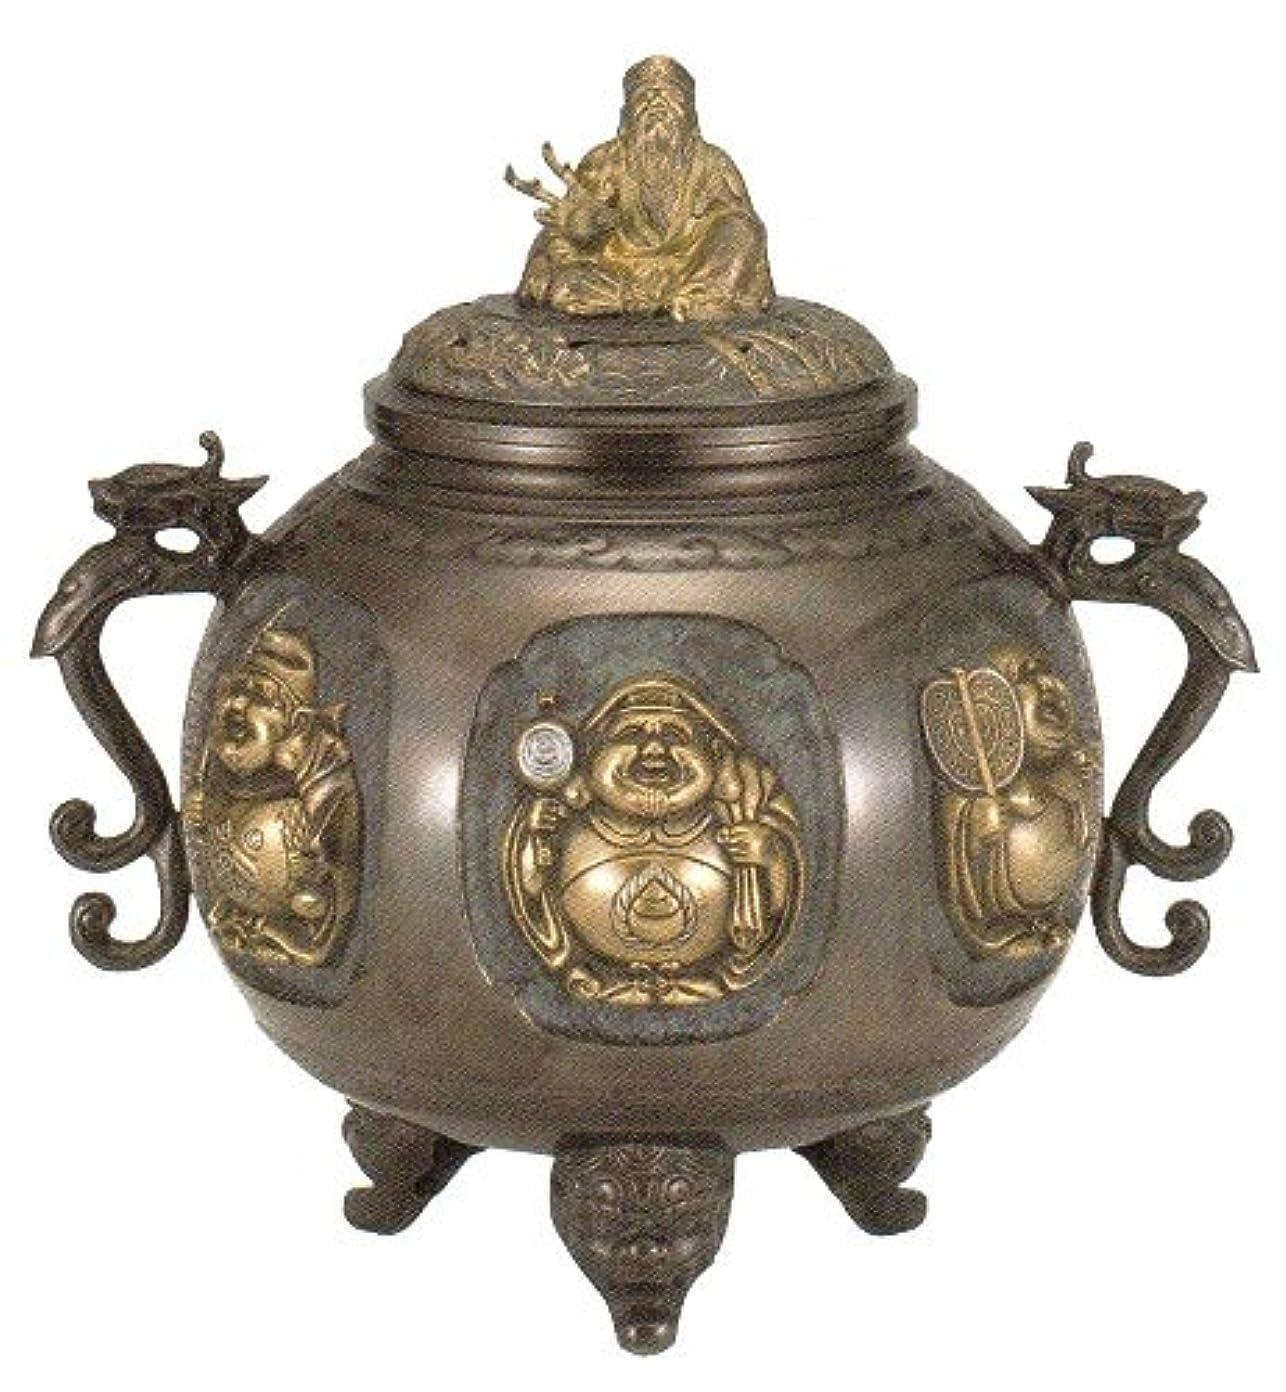 の配列ラップトップ中級香炉 特大 七福神(さしメッキ)高岡銅器 青銅製 高さ31×幅30×奥行24.5cm